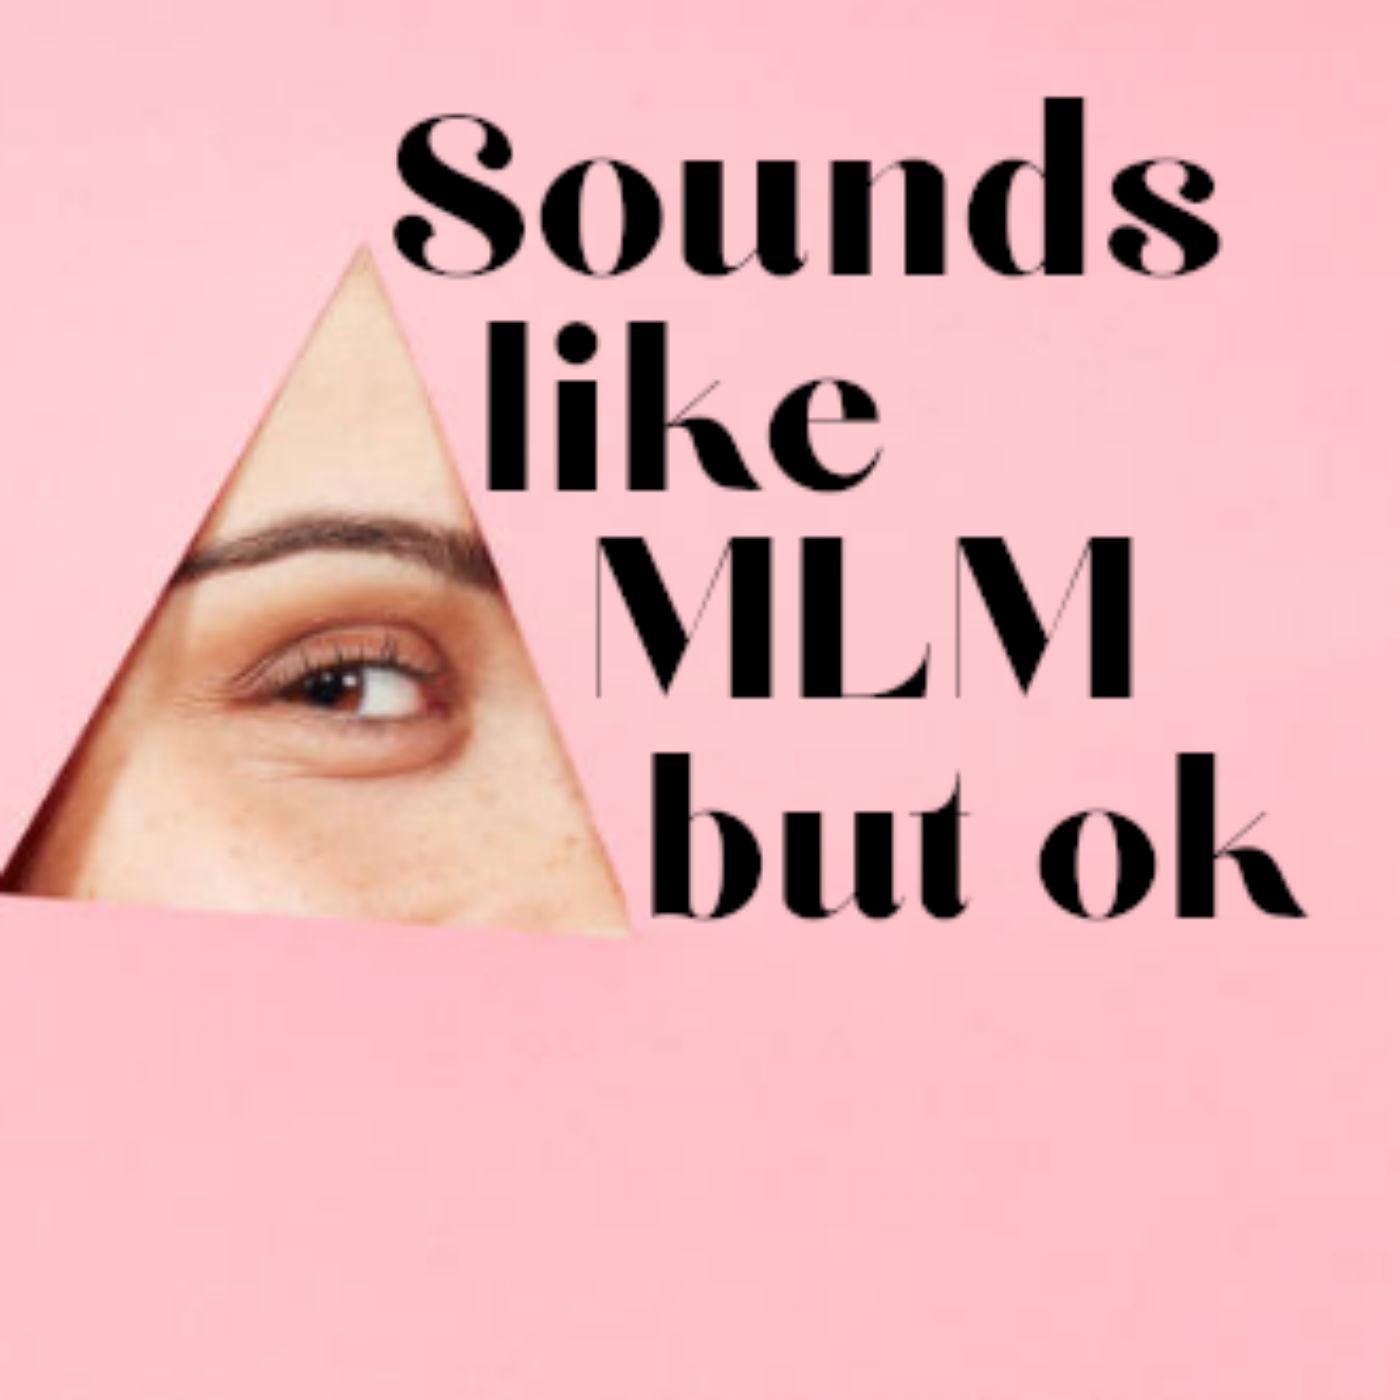 Sounds like MLM but ok show art